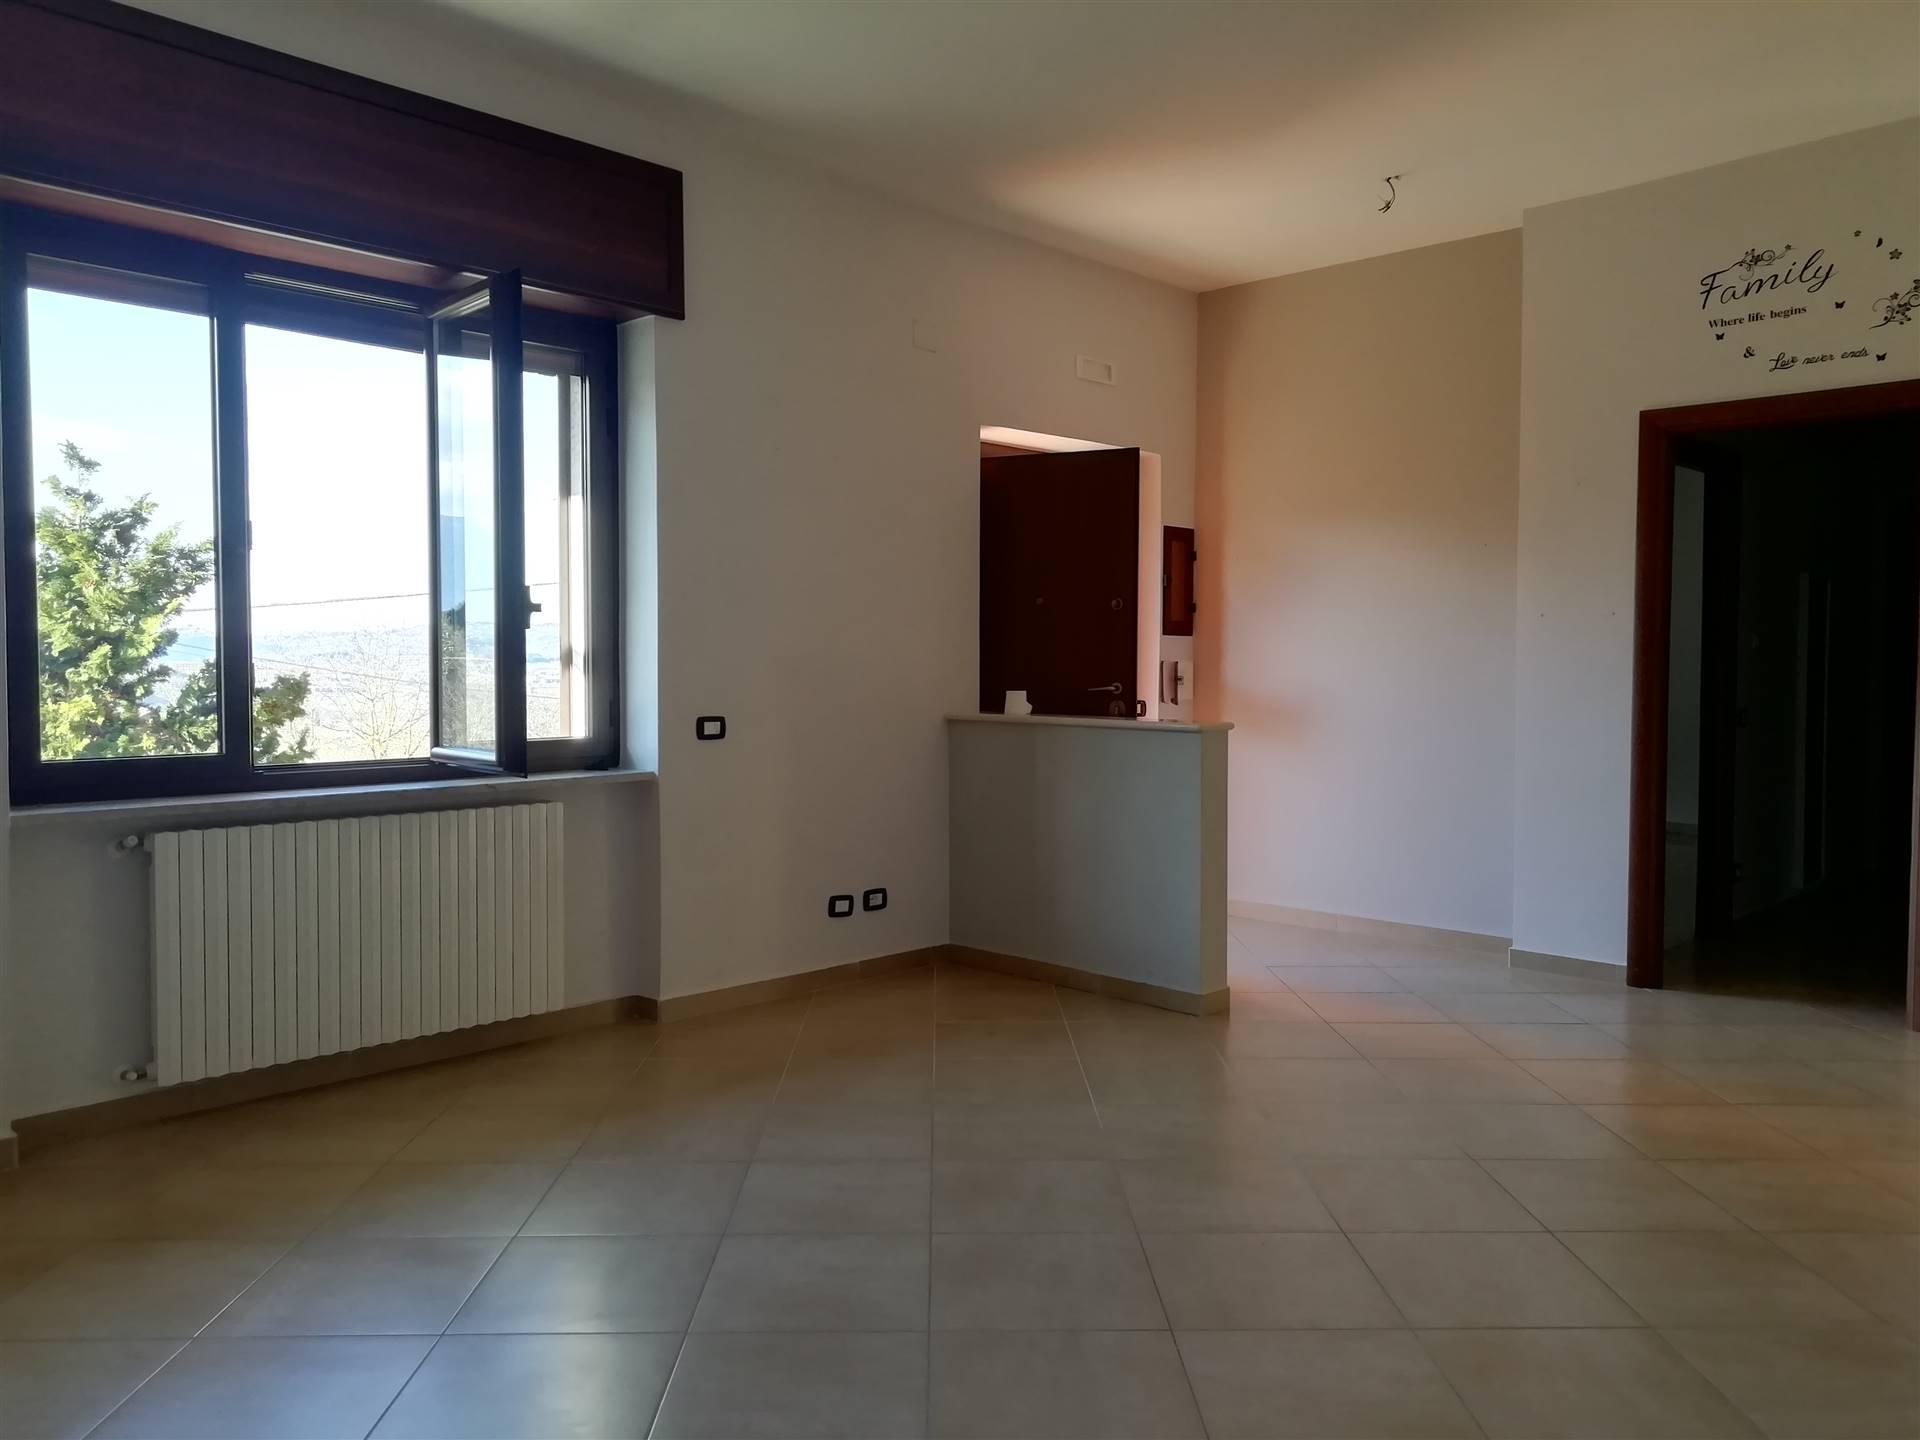 Soluzione Indipendente in affitto a Aiello del Sabato, 3 locali, prezzo € 470 | CambioCasa.it